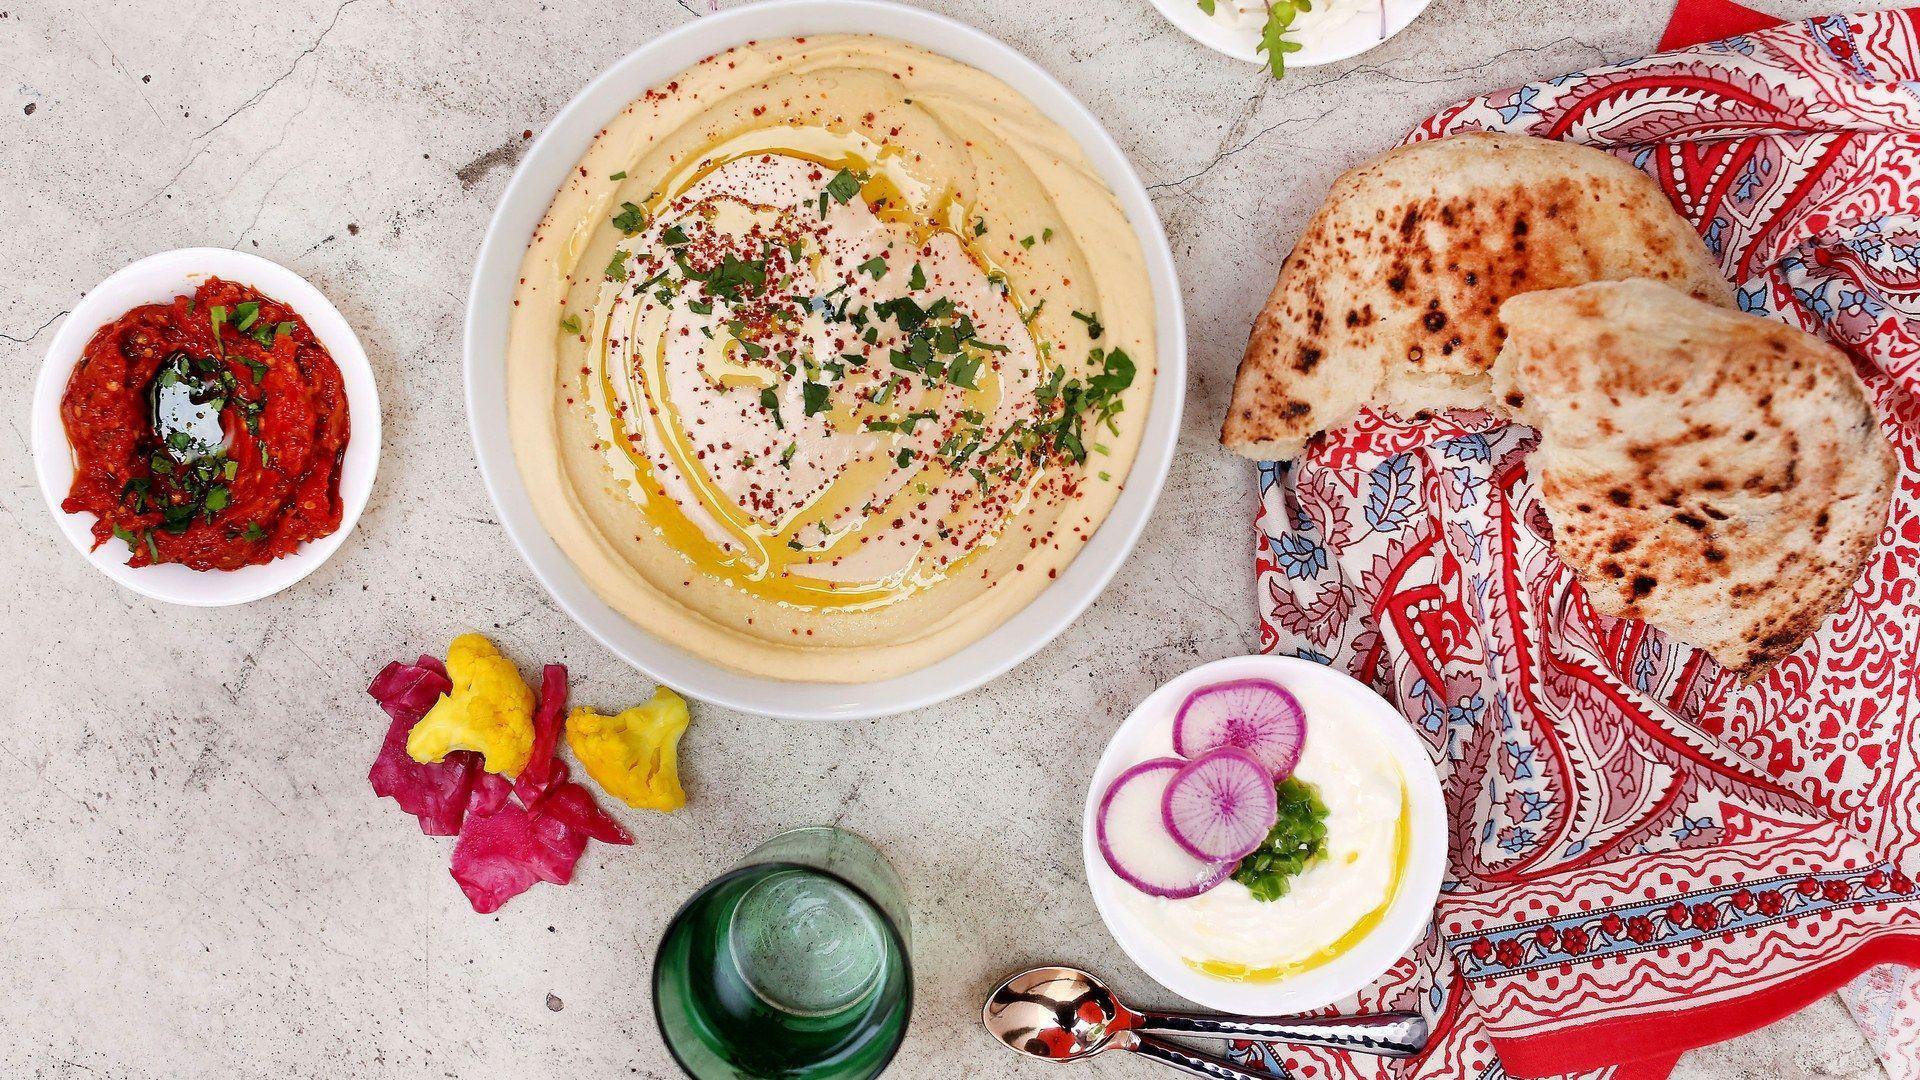 Der Food-Trend des Jahres heißt Levante-Küche #levanteküche LEVANTE KÜCHE Mindestens genauso wichtig wie die Zubereitung der Gerichte ist die Art, wie die Gerichte gegessen werden. Denn ähnlich wie in Spanien die Tapas wird auch das Essen aus dem Nahen Osten in vielen kleinen Schüsseln als Mezze serviert, denn in der arabischen Esskultur hat das gemeinsame Essen einen besonderen Stellenwert, weshalb die verschiedenen Gerichte auf dem Tisch verteilt werden, damit jeder von allem probieren k #levanteküche